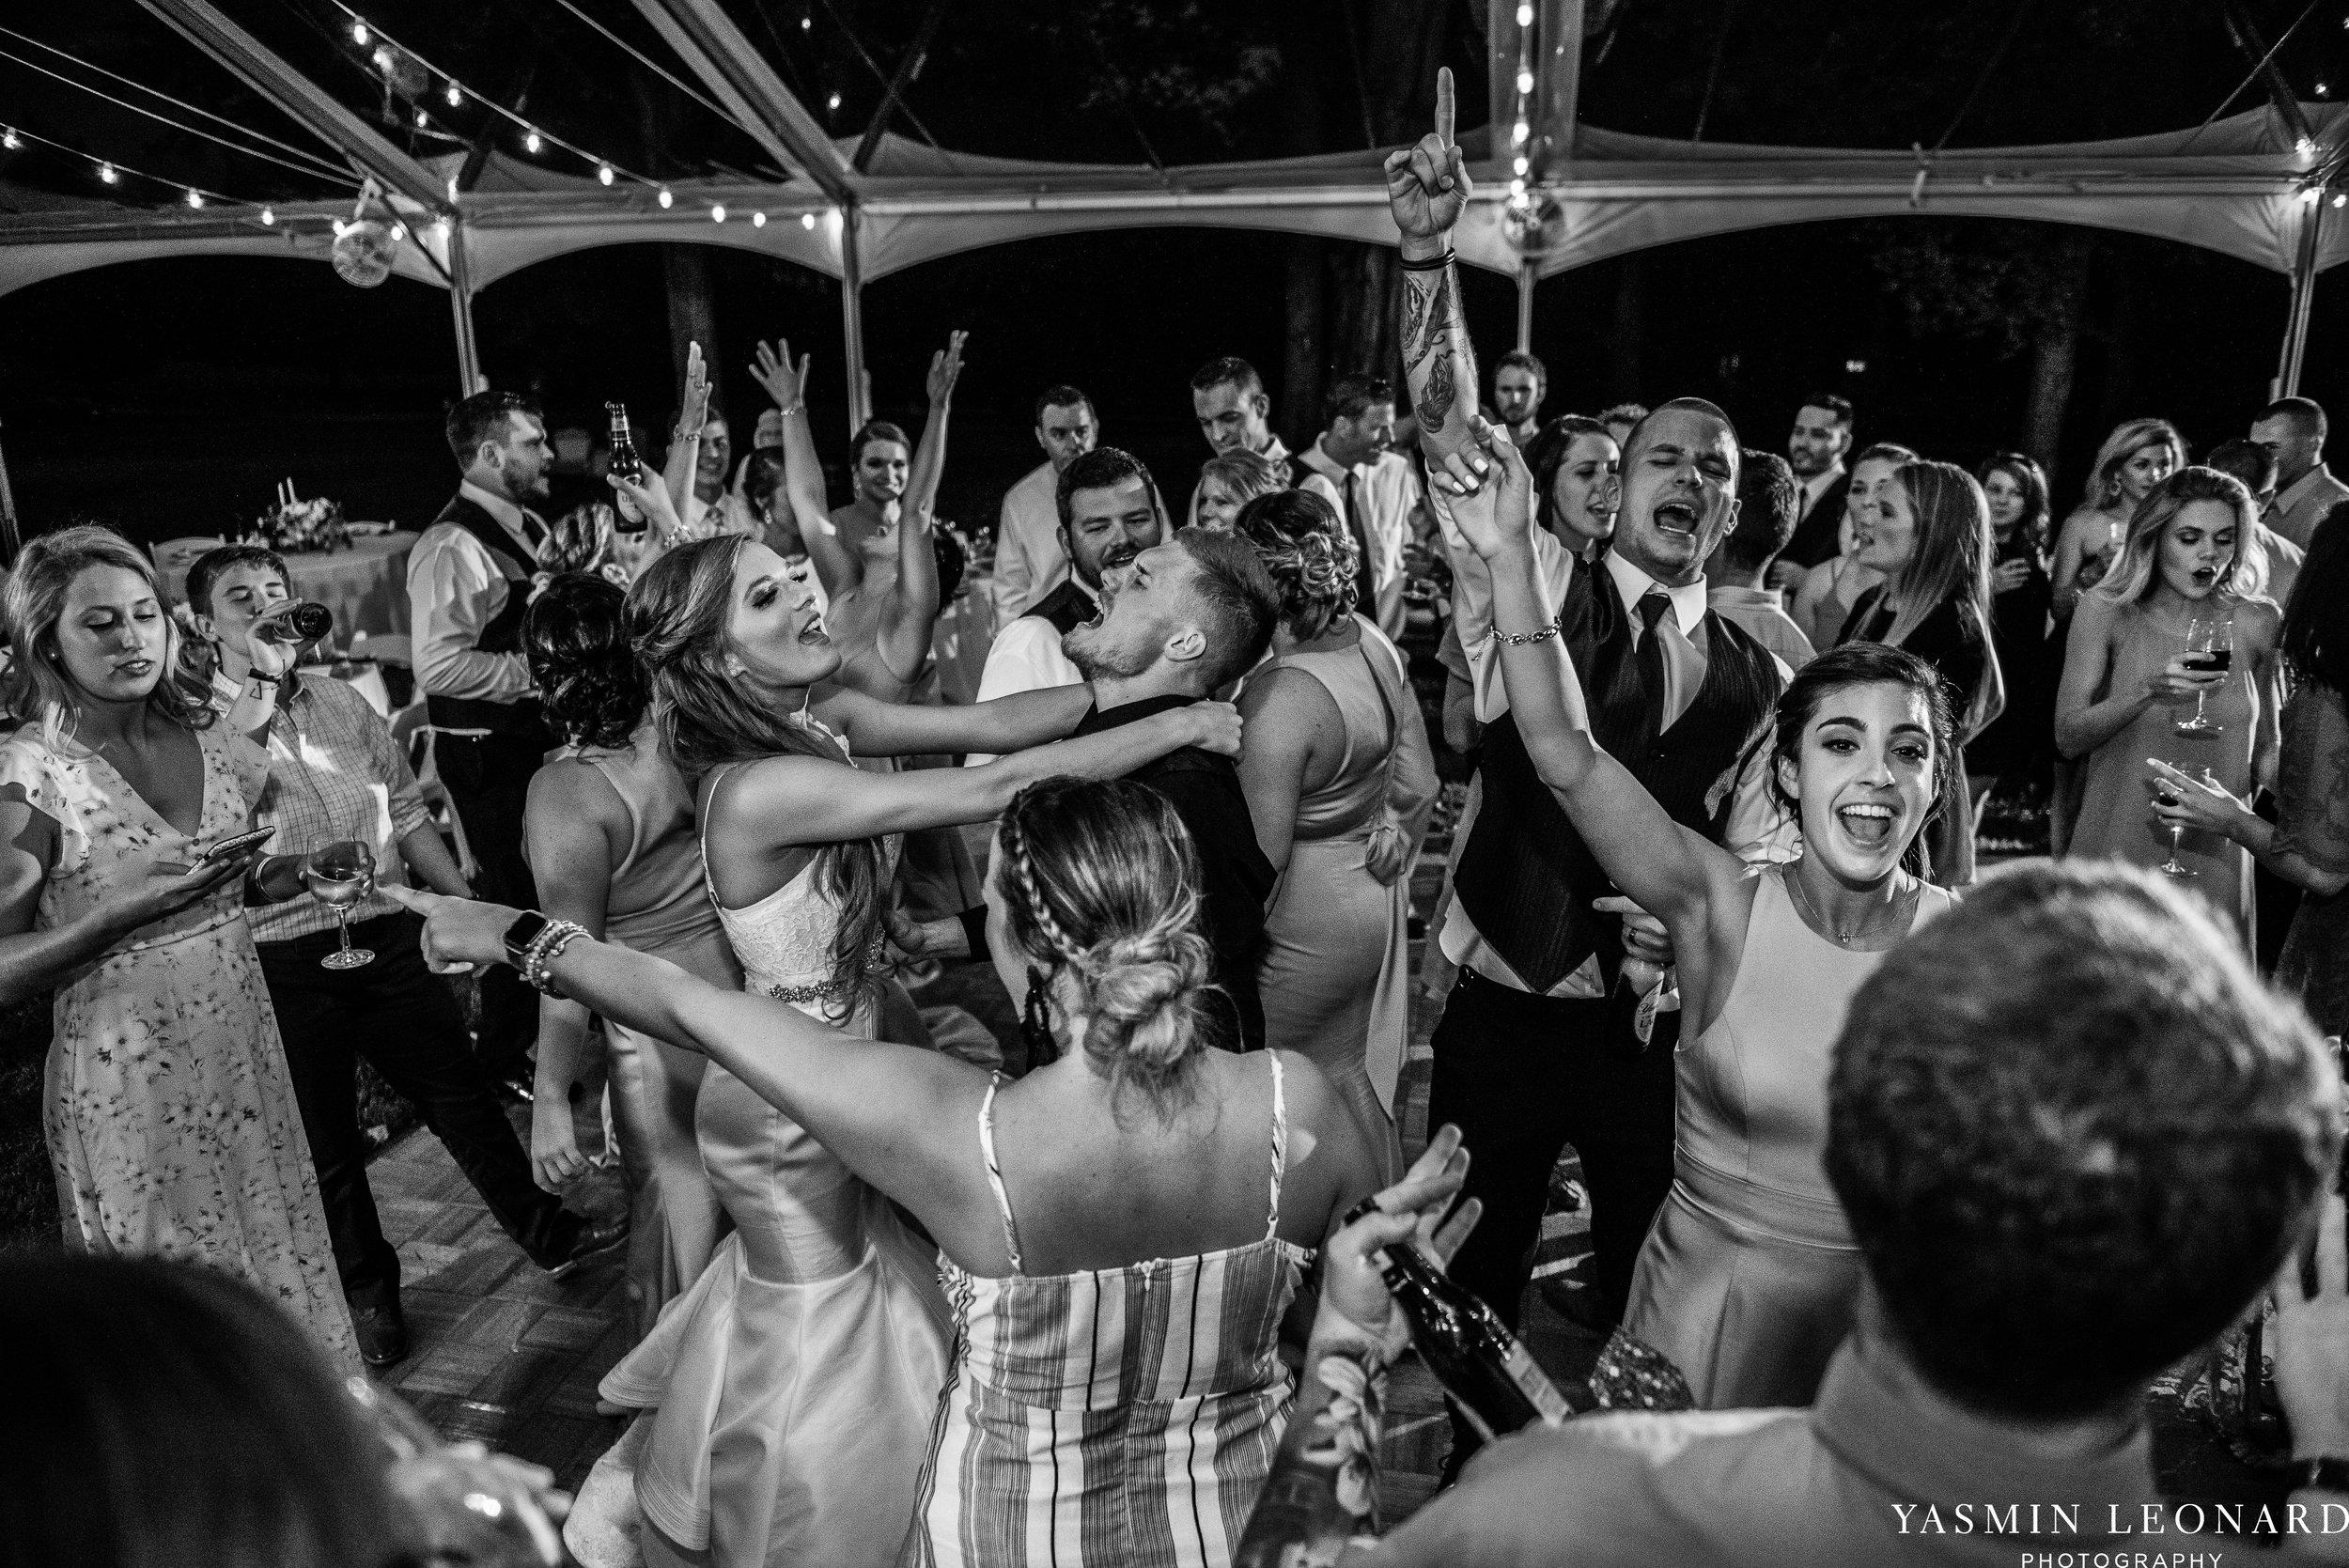 Boxwood Estate - Boxwood Estate Wedding - Luxury Wedding - Black and White Wedding - NC Wedding Venues - NC Weddings - NC Photographer - Lantern Release Grand Exit - Large Wedding Party - Yasmin Leonard Photography-75.jpg